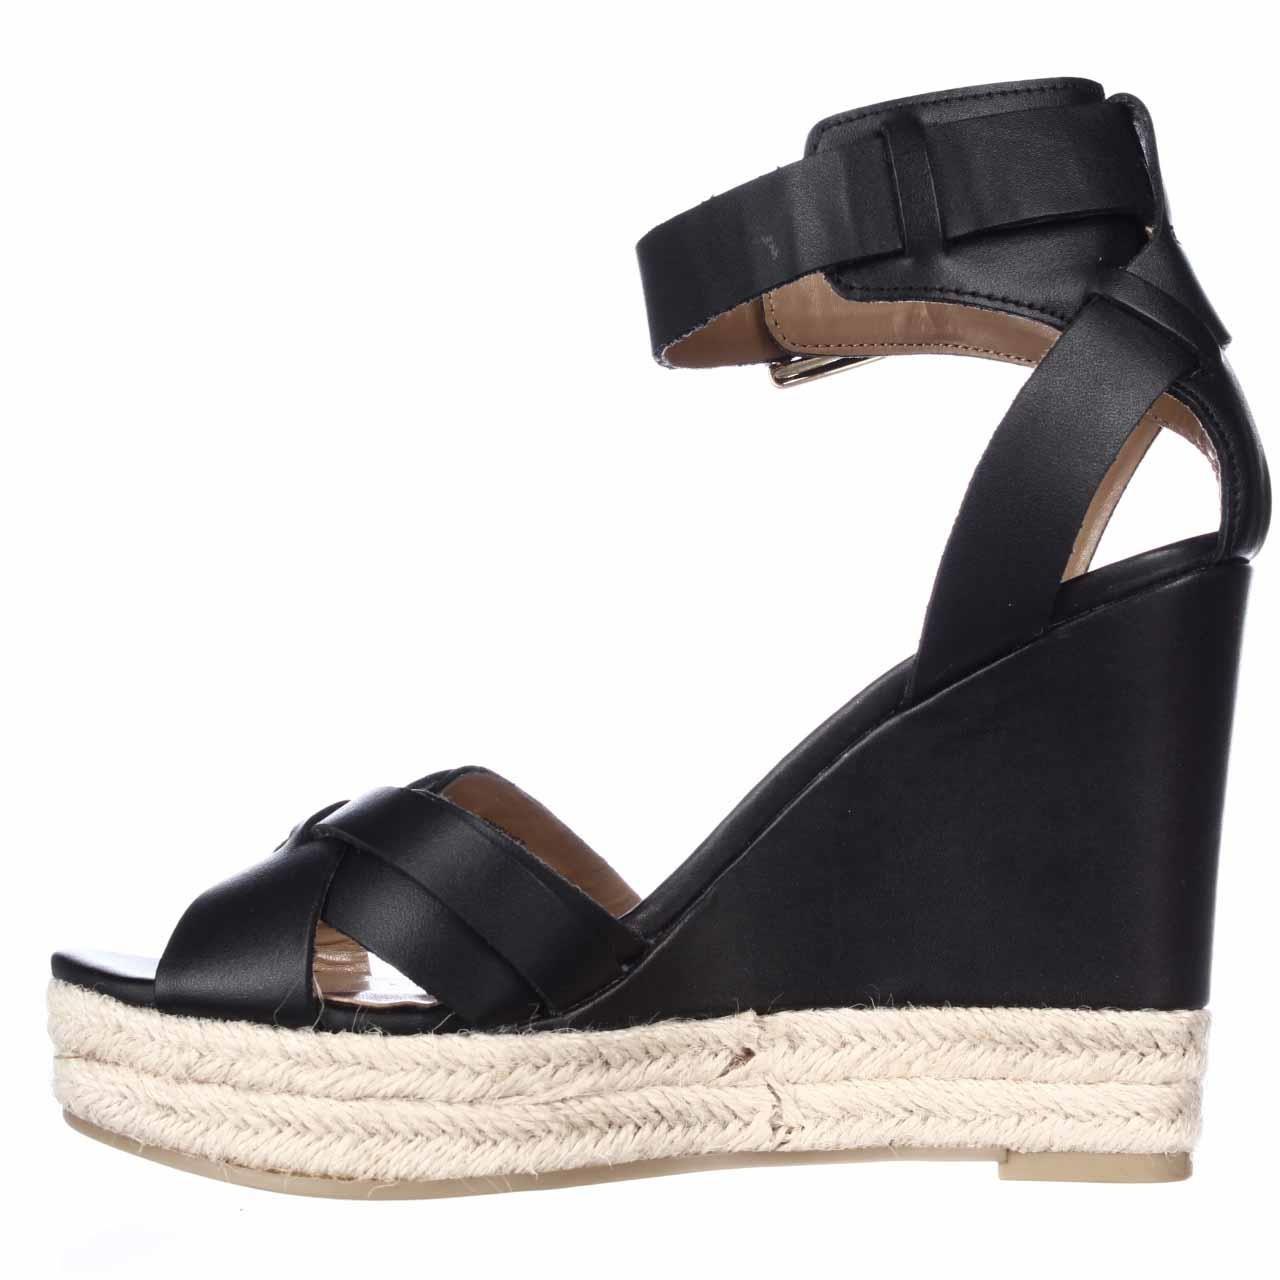 tommy hilfiger velvet espadrille wedge sandals in black lyst. Black Bedroom Furniture Sets. Home Design Ideas